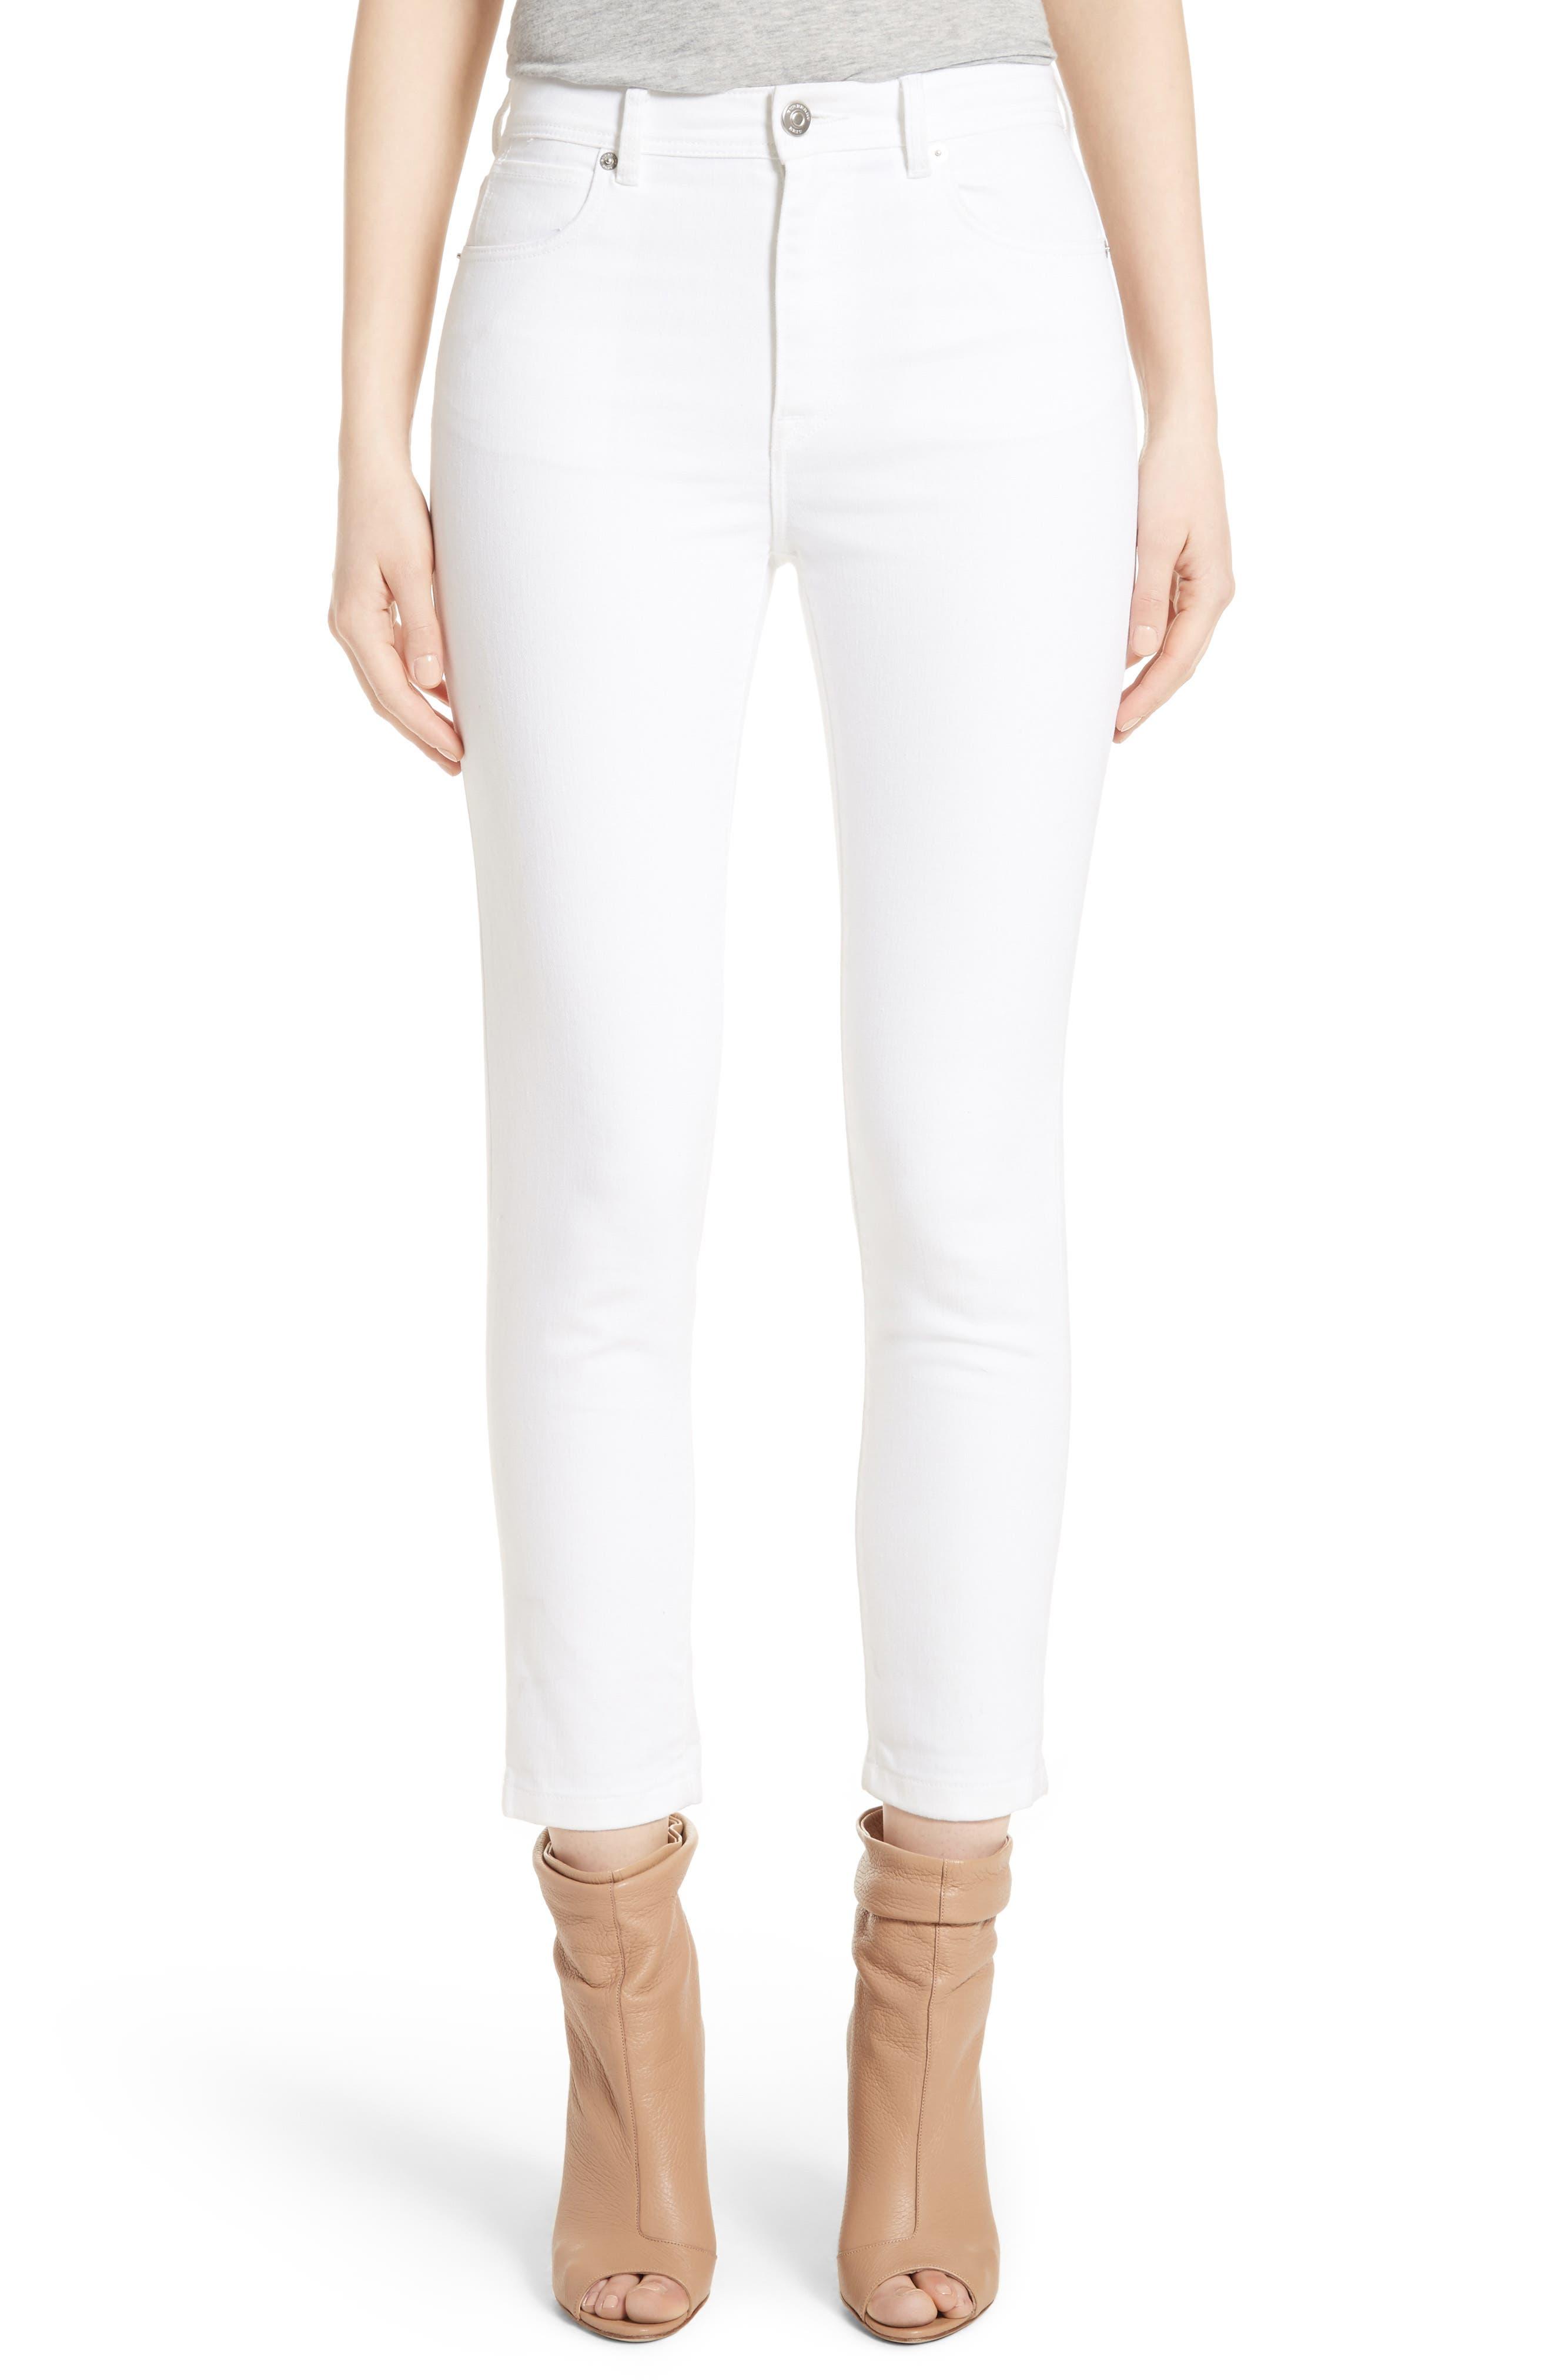 Burberry Stretch Crop Skinny Jeans